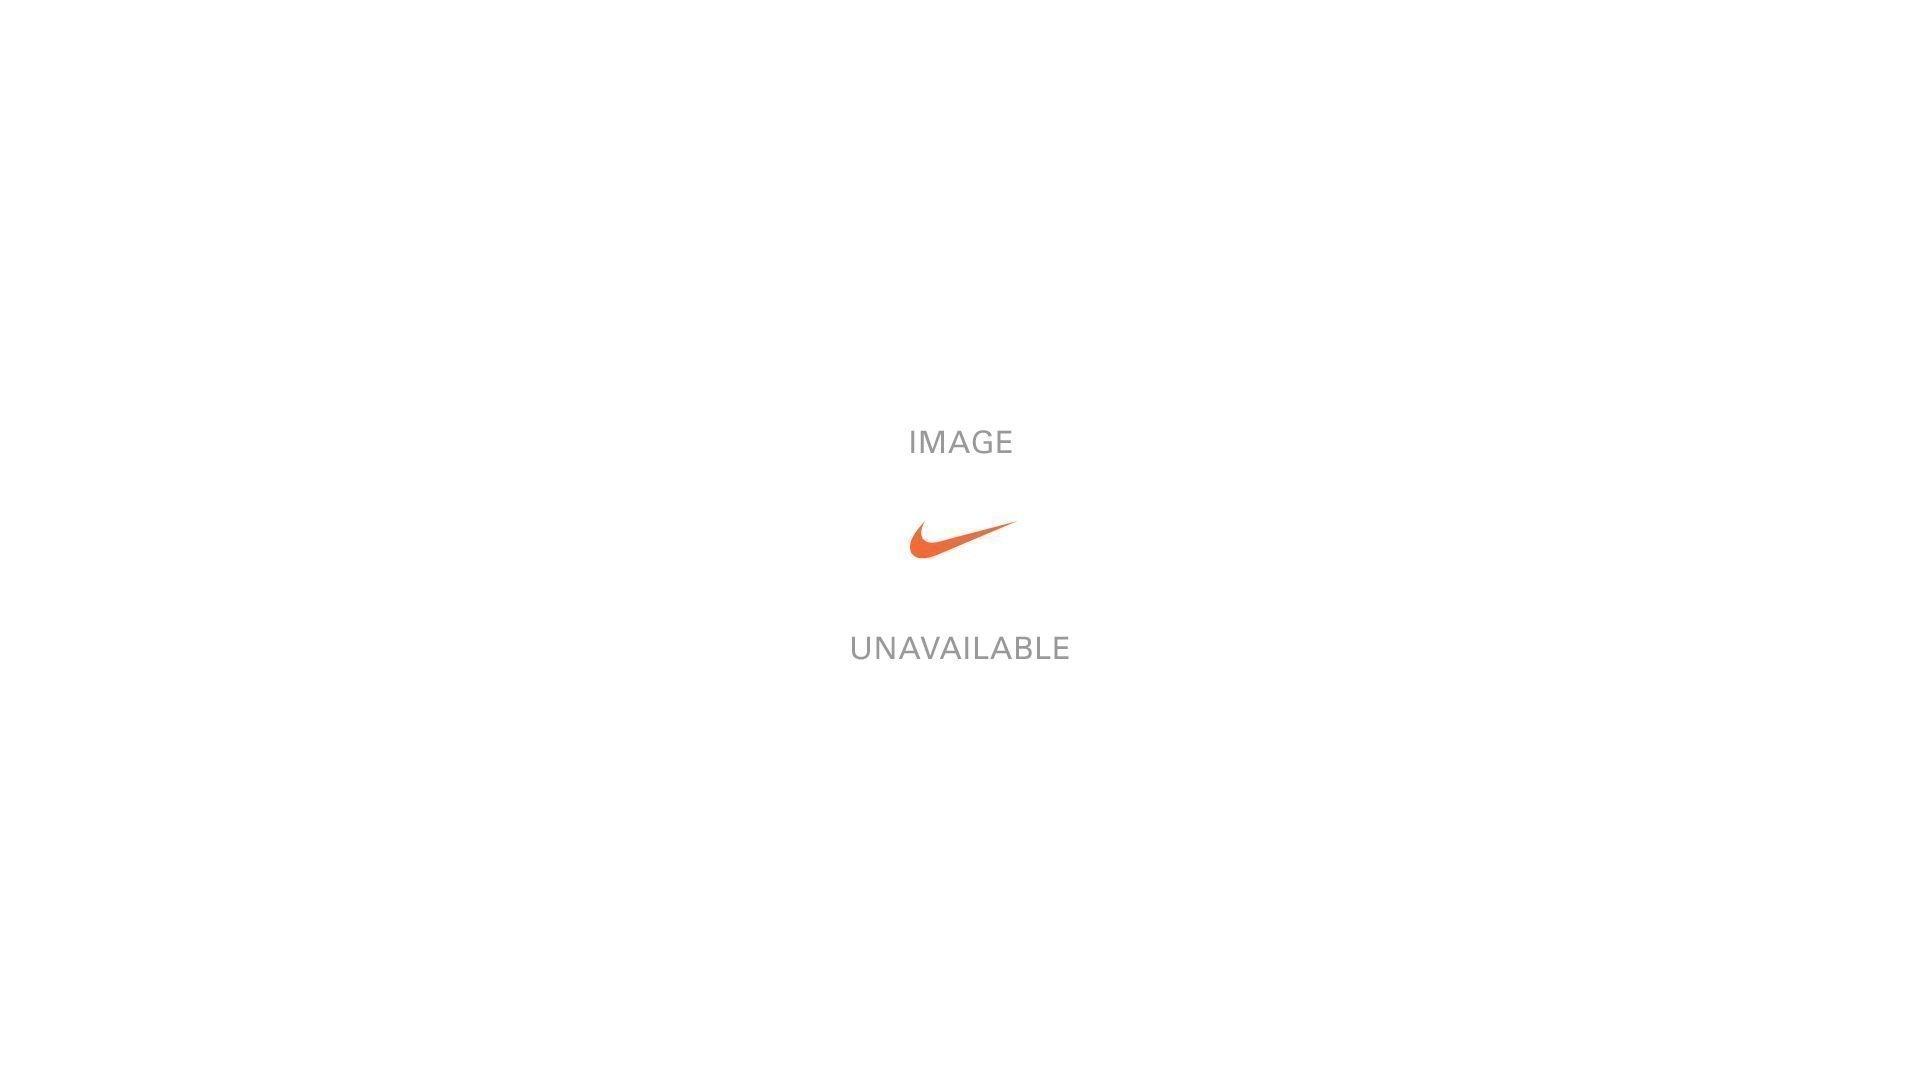 Nike Air Max 1 Premium 875844-602